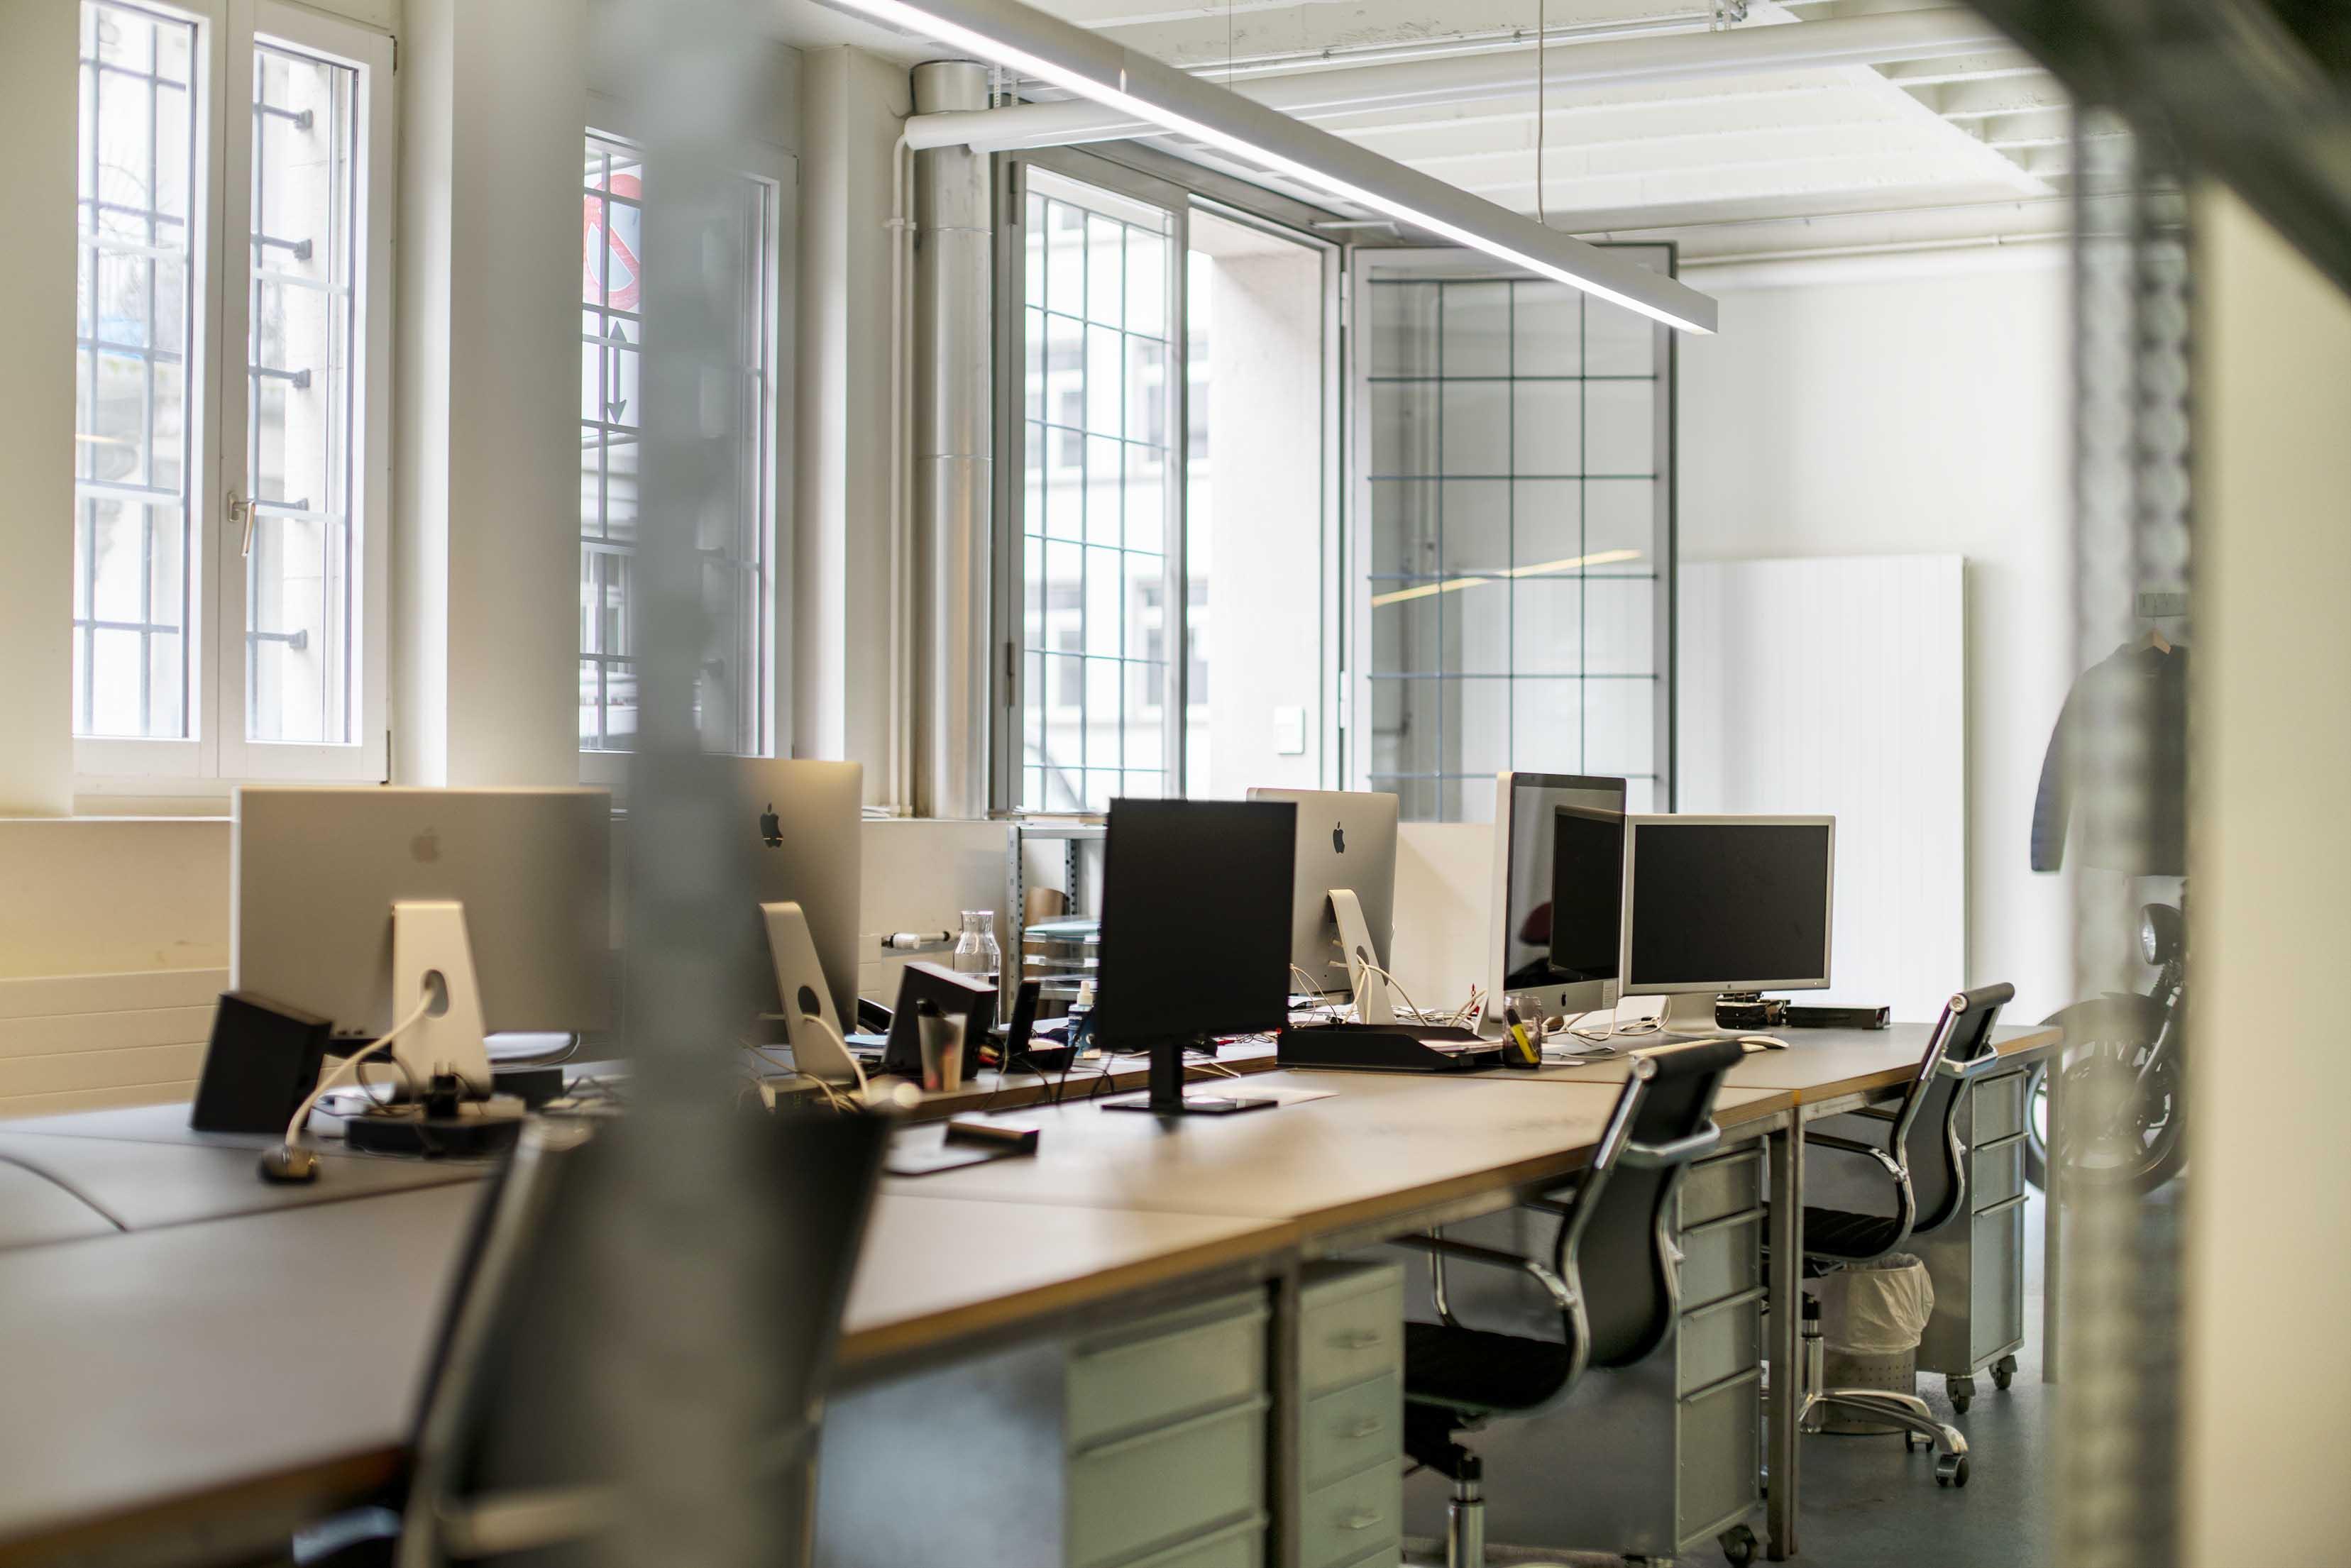 stylisches, modernes büro in zürich mieten, vermieten oder untermieten schweiz bürogemeinschaft atelier gemeinschaft shared office coworking